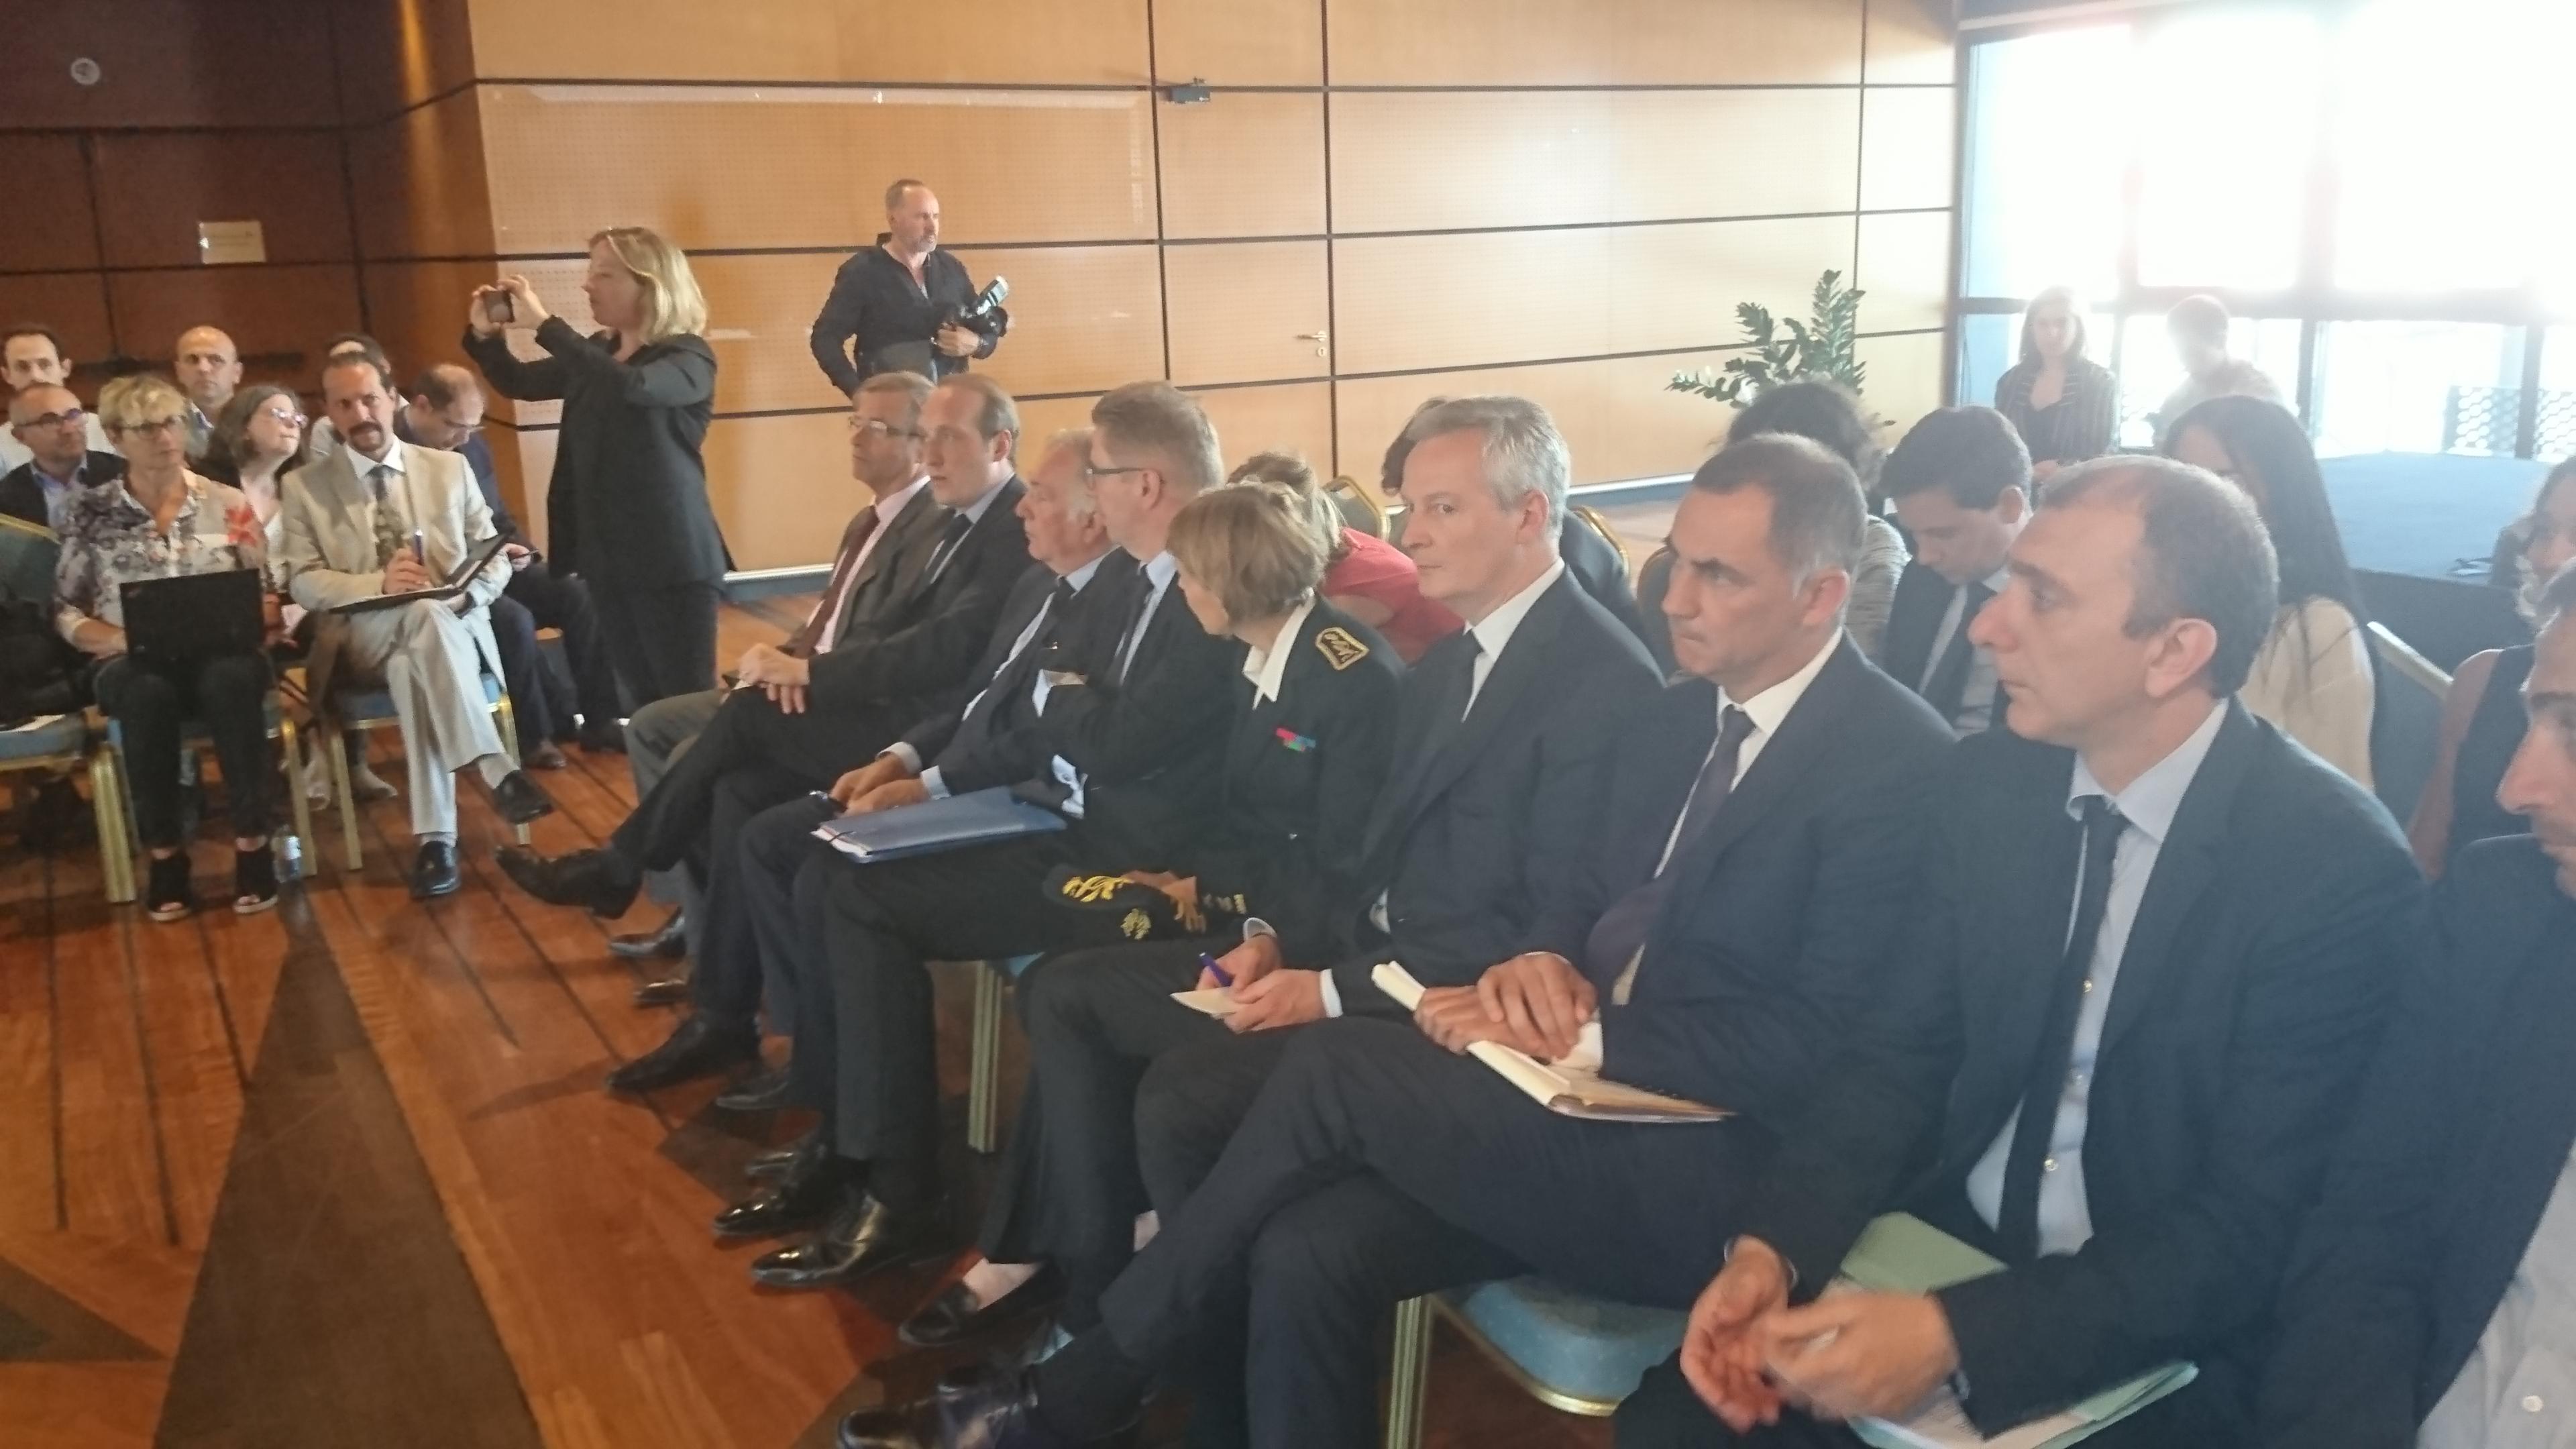 Le dialogue aura été franc et public entre Bruno Le Maire et Gilles Simeoni.